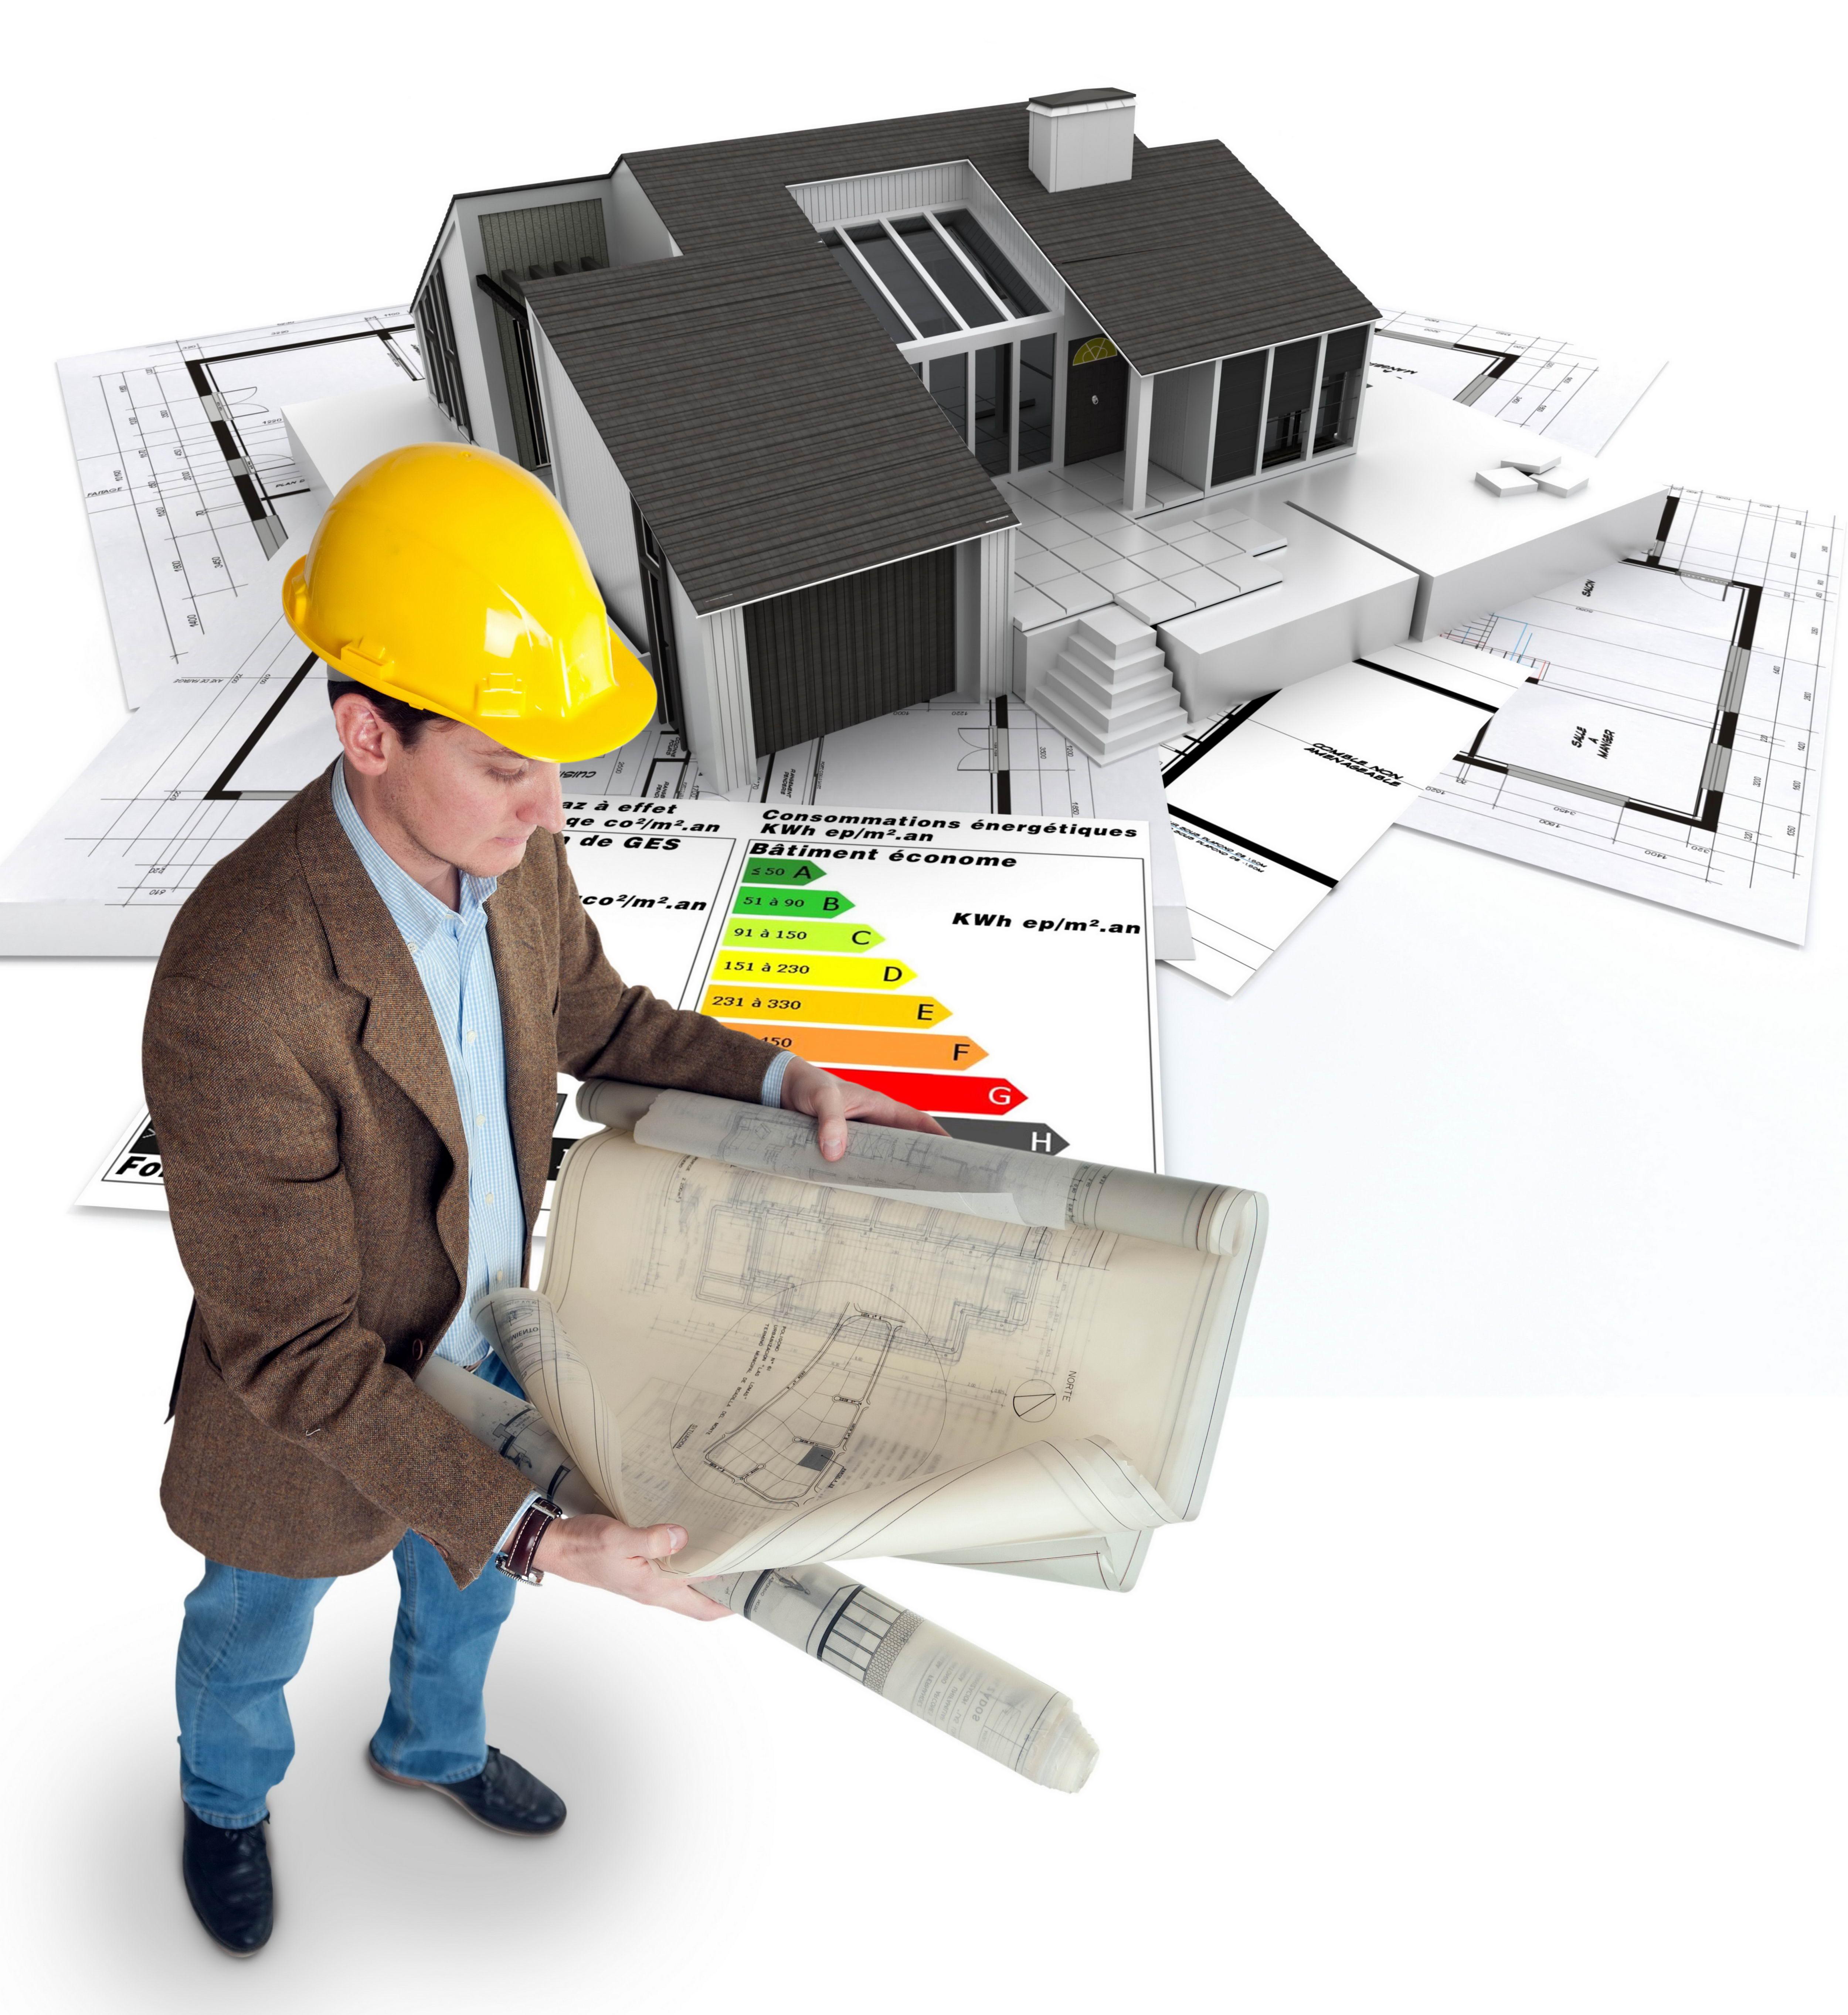 строитель, скачать фото, обои для рабочего стола